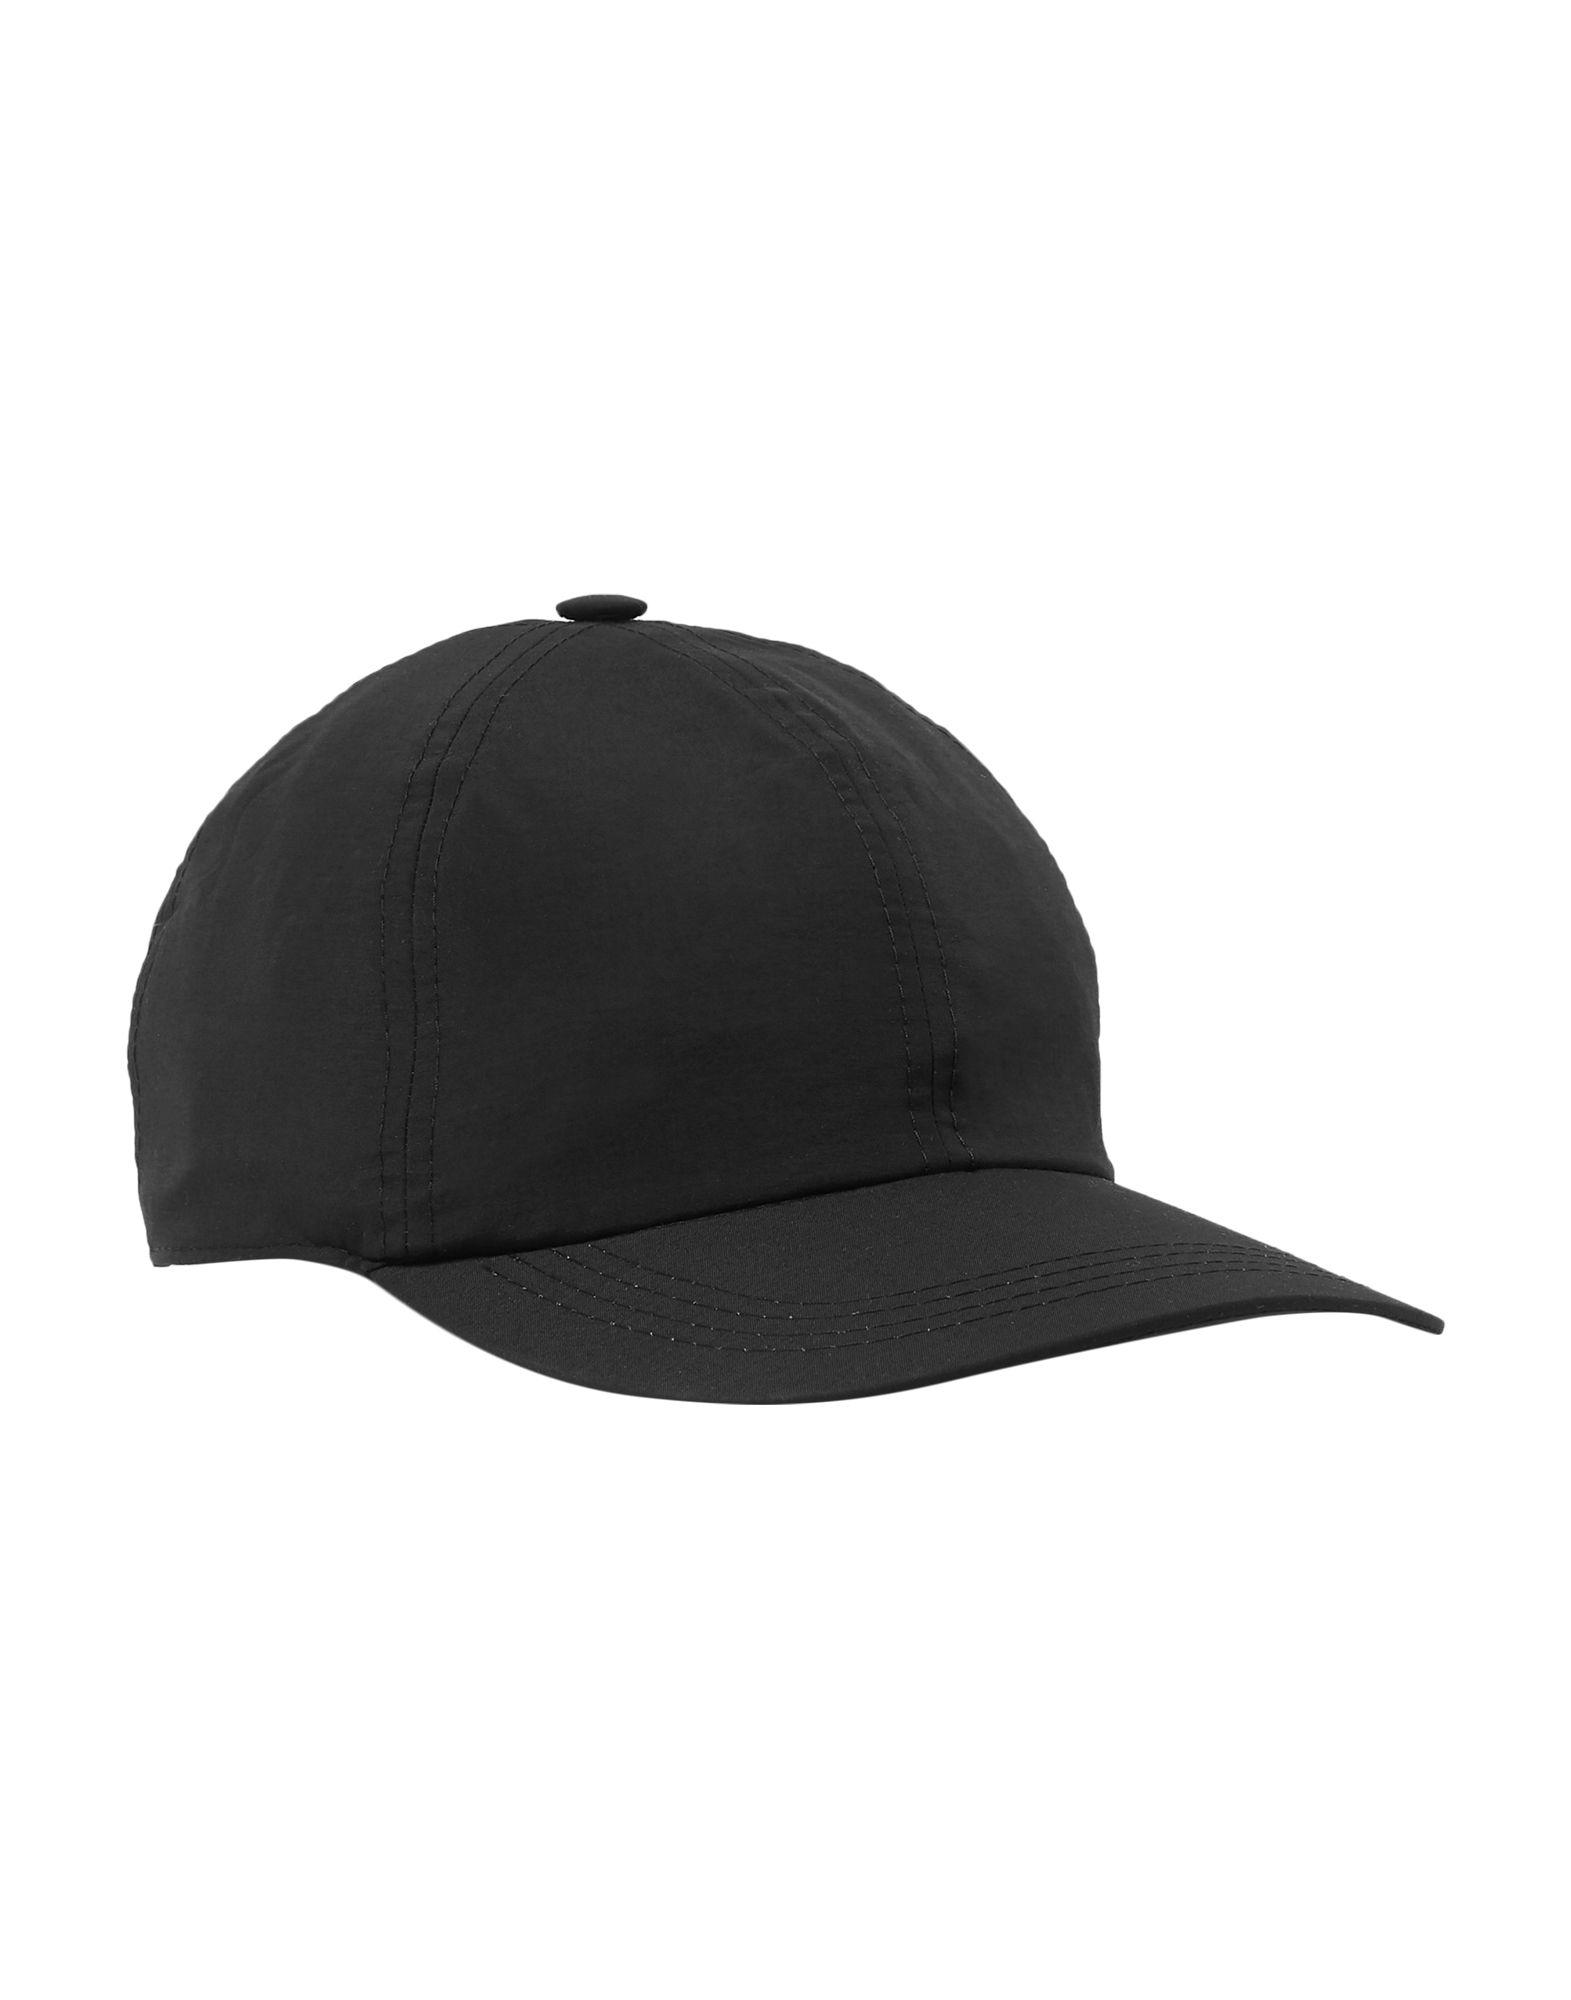 《セール開催中》LOCK & CO. HATTERS メンズ 帽子 ブラック 56 ポリエステル 65% / ナイロン 35%